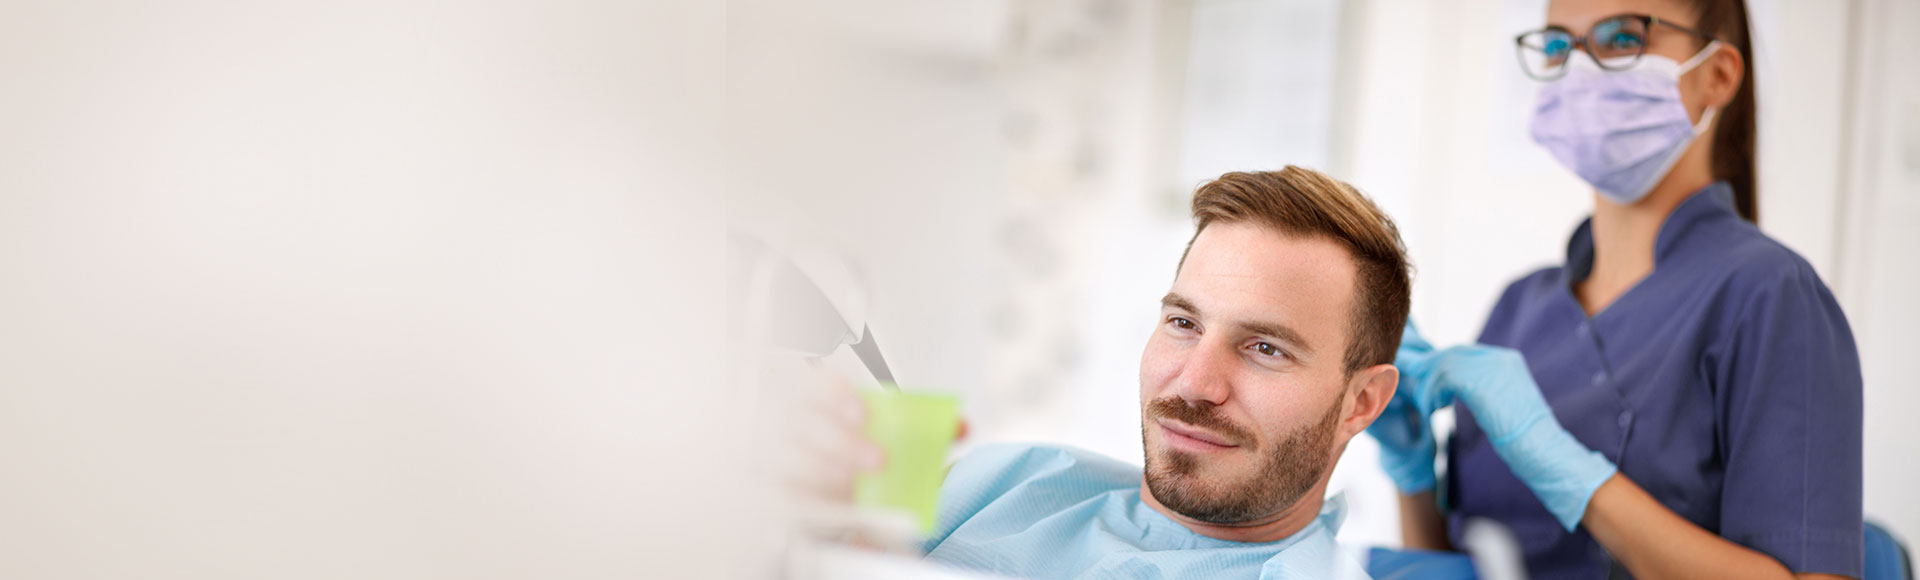 Professionelle Zahnreinigung Oldenburg PZR gesunde Zaehne Prophylaxe